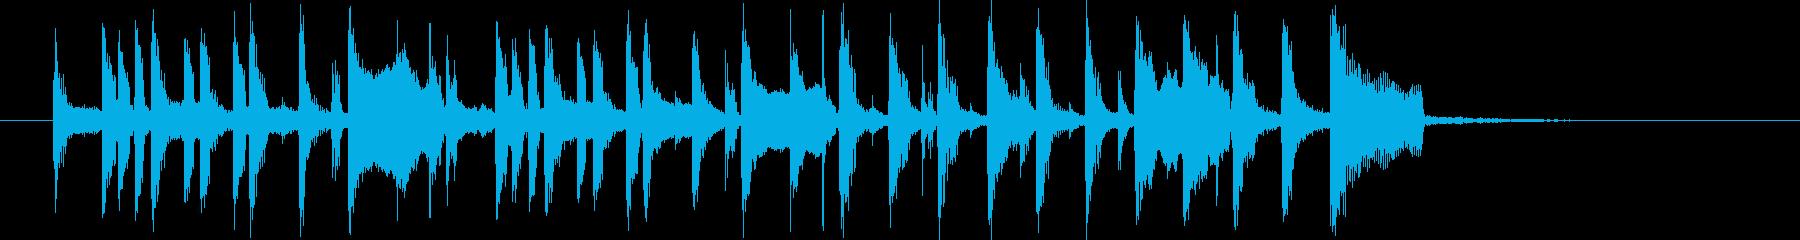 昭和のコント風BGMの再生済みの波形